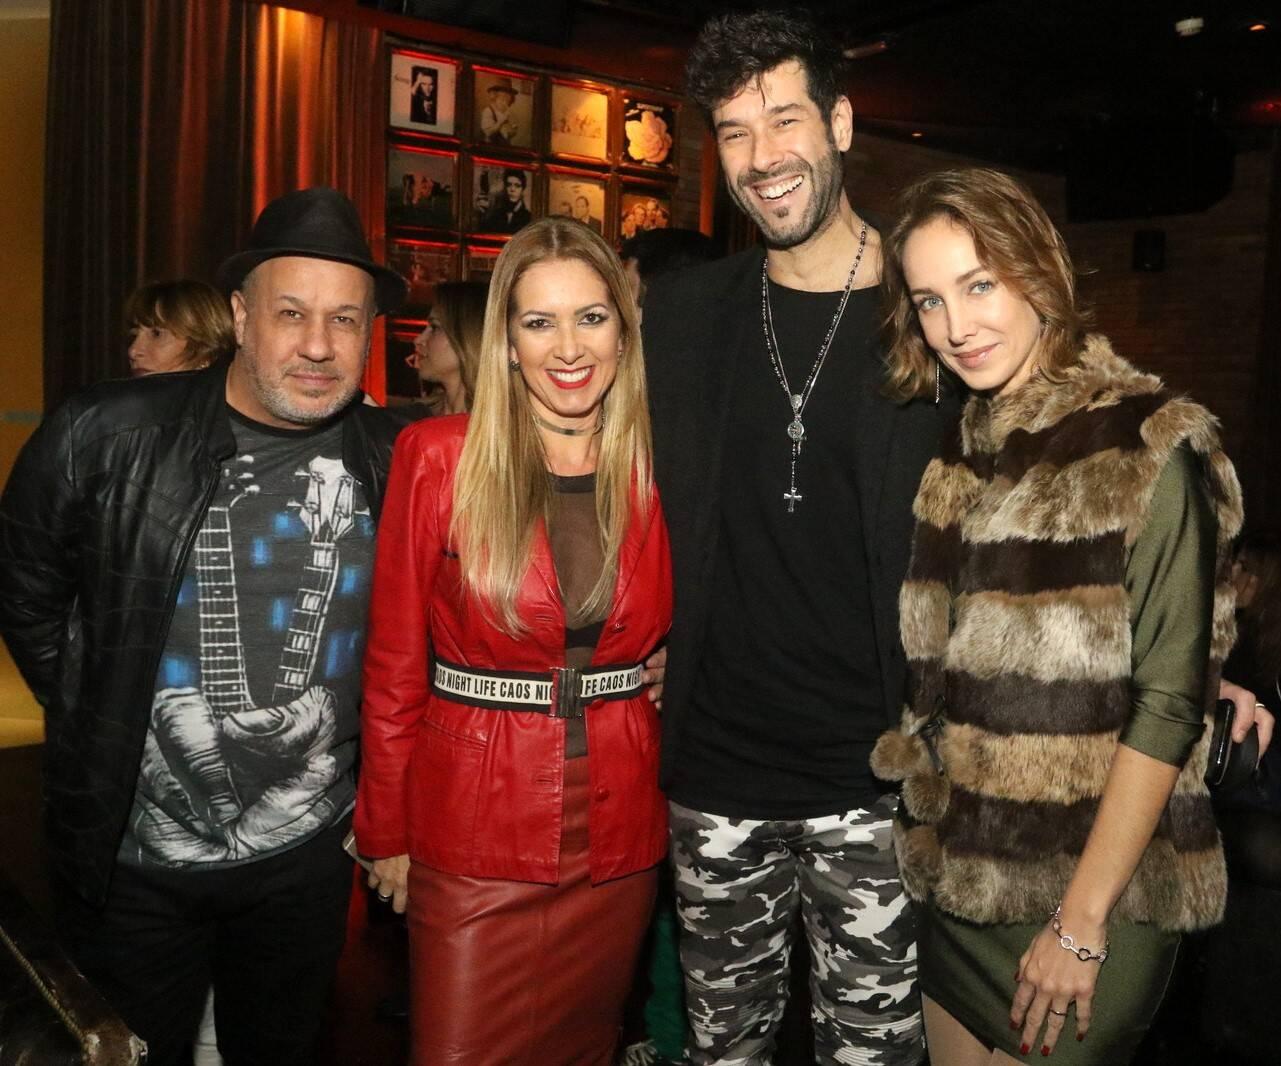 Berbel, DJ Dri Carvalho, Daniel Delsarta e Hazel Fishdick /Foto: Reginaldo Teixeira